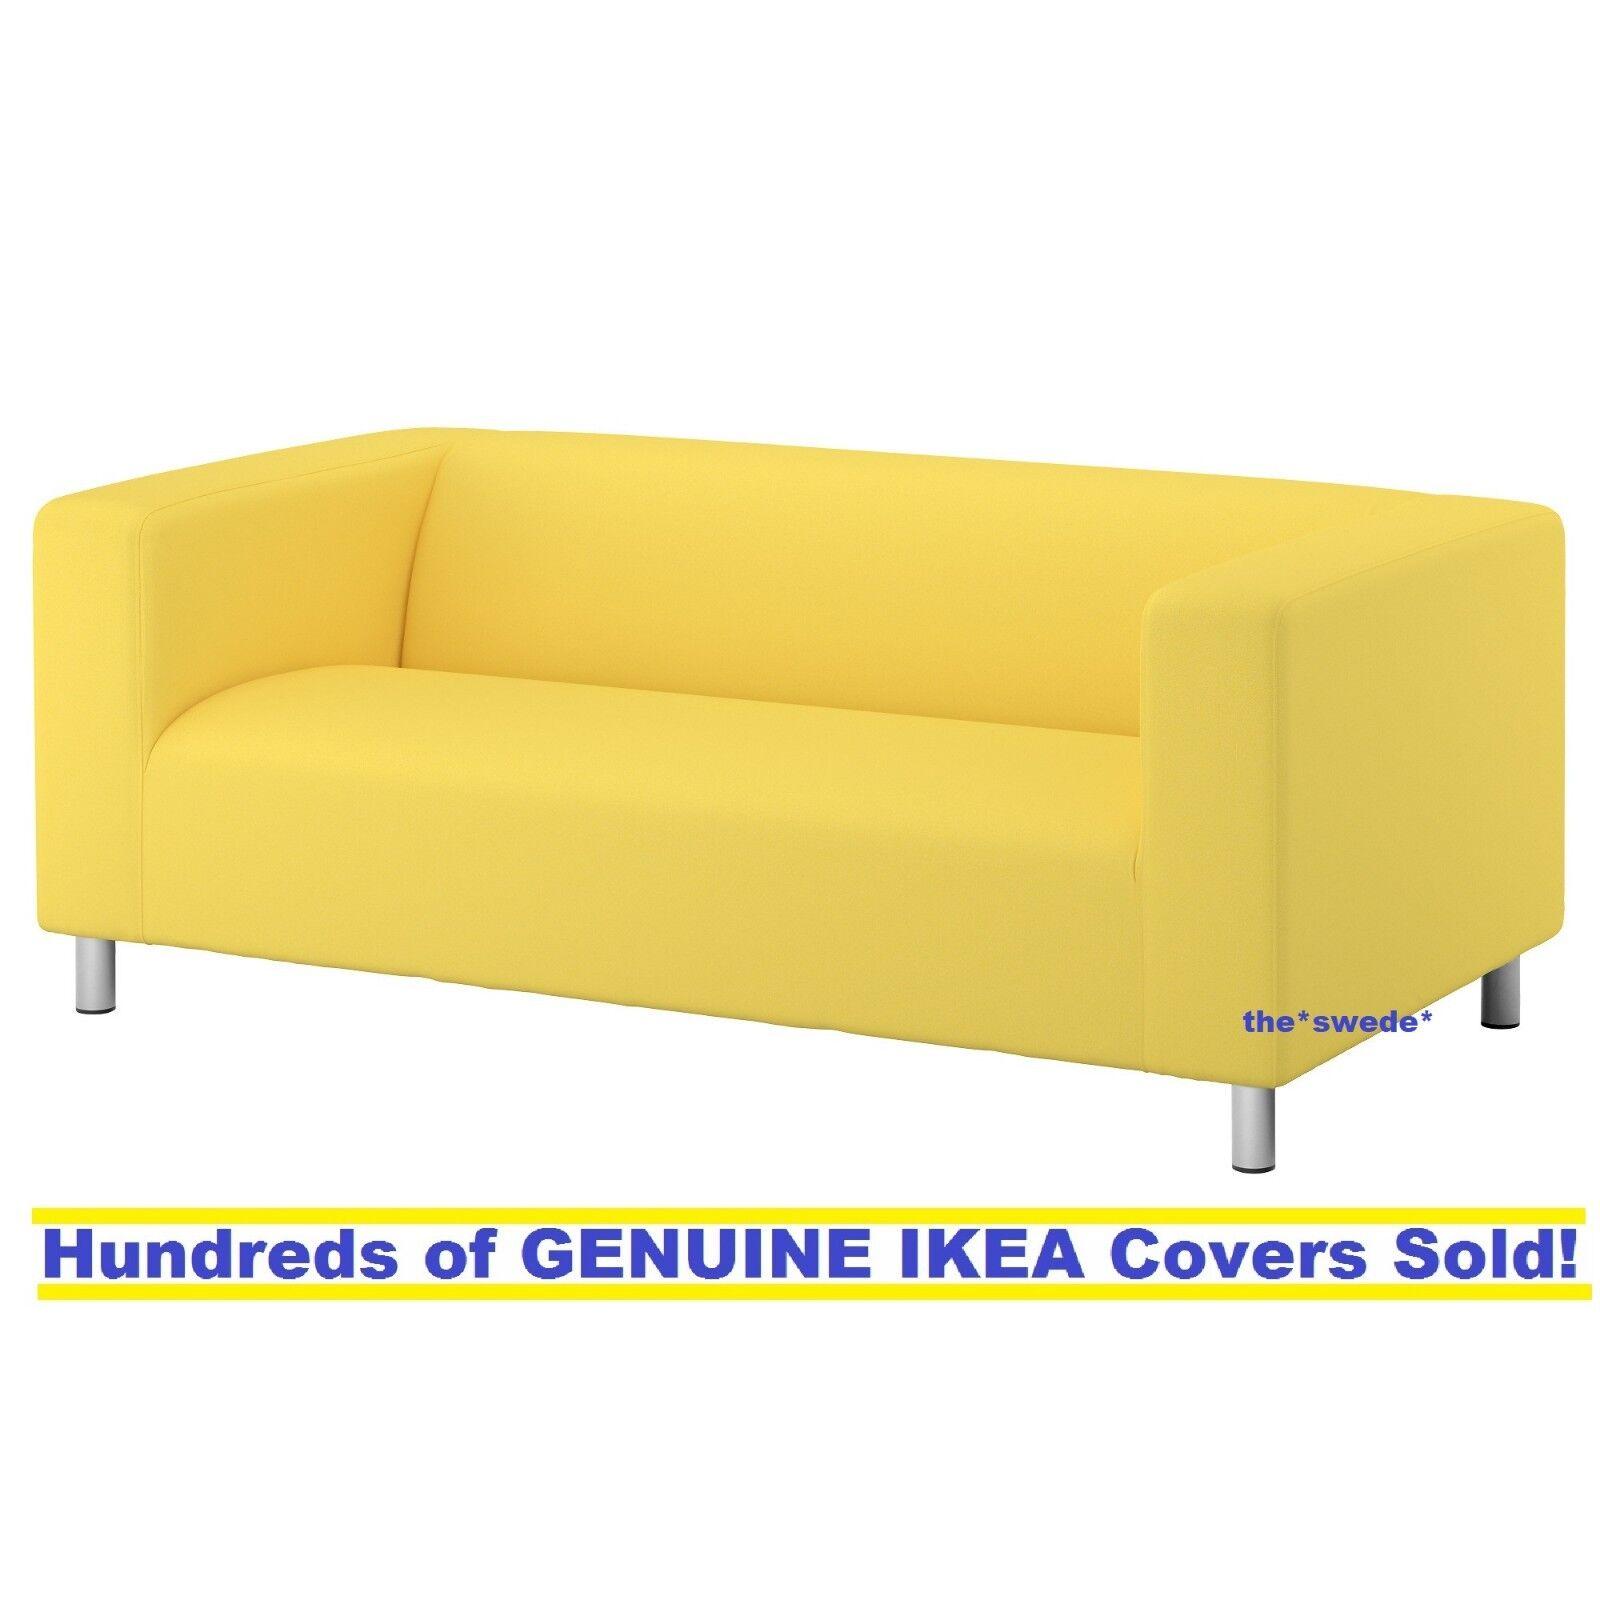 Ikea Klippan Loveseat 2 Seat Sofa